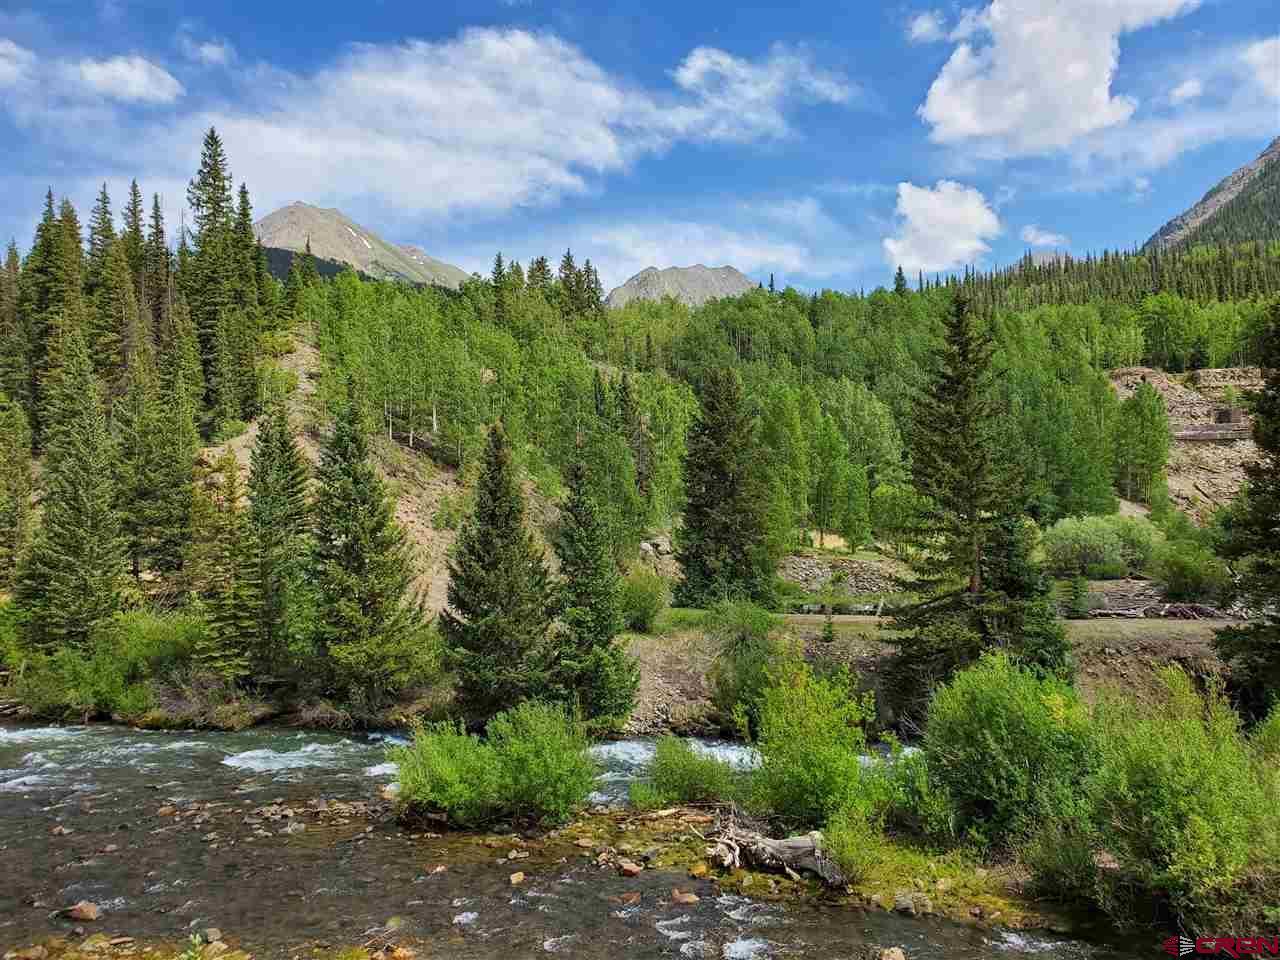 TBD CR 2 Animas River and Arrastra Creek, Silverton, CO 81433